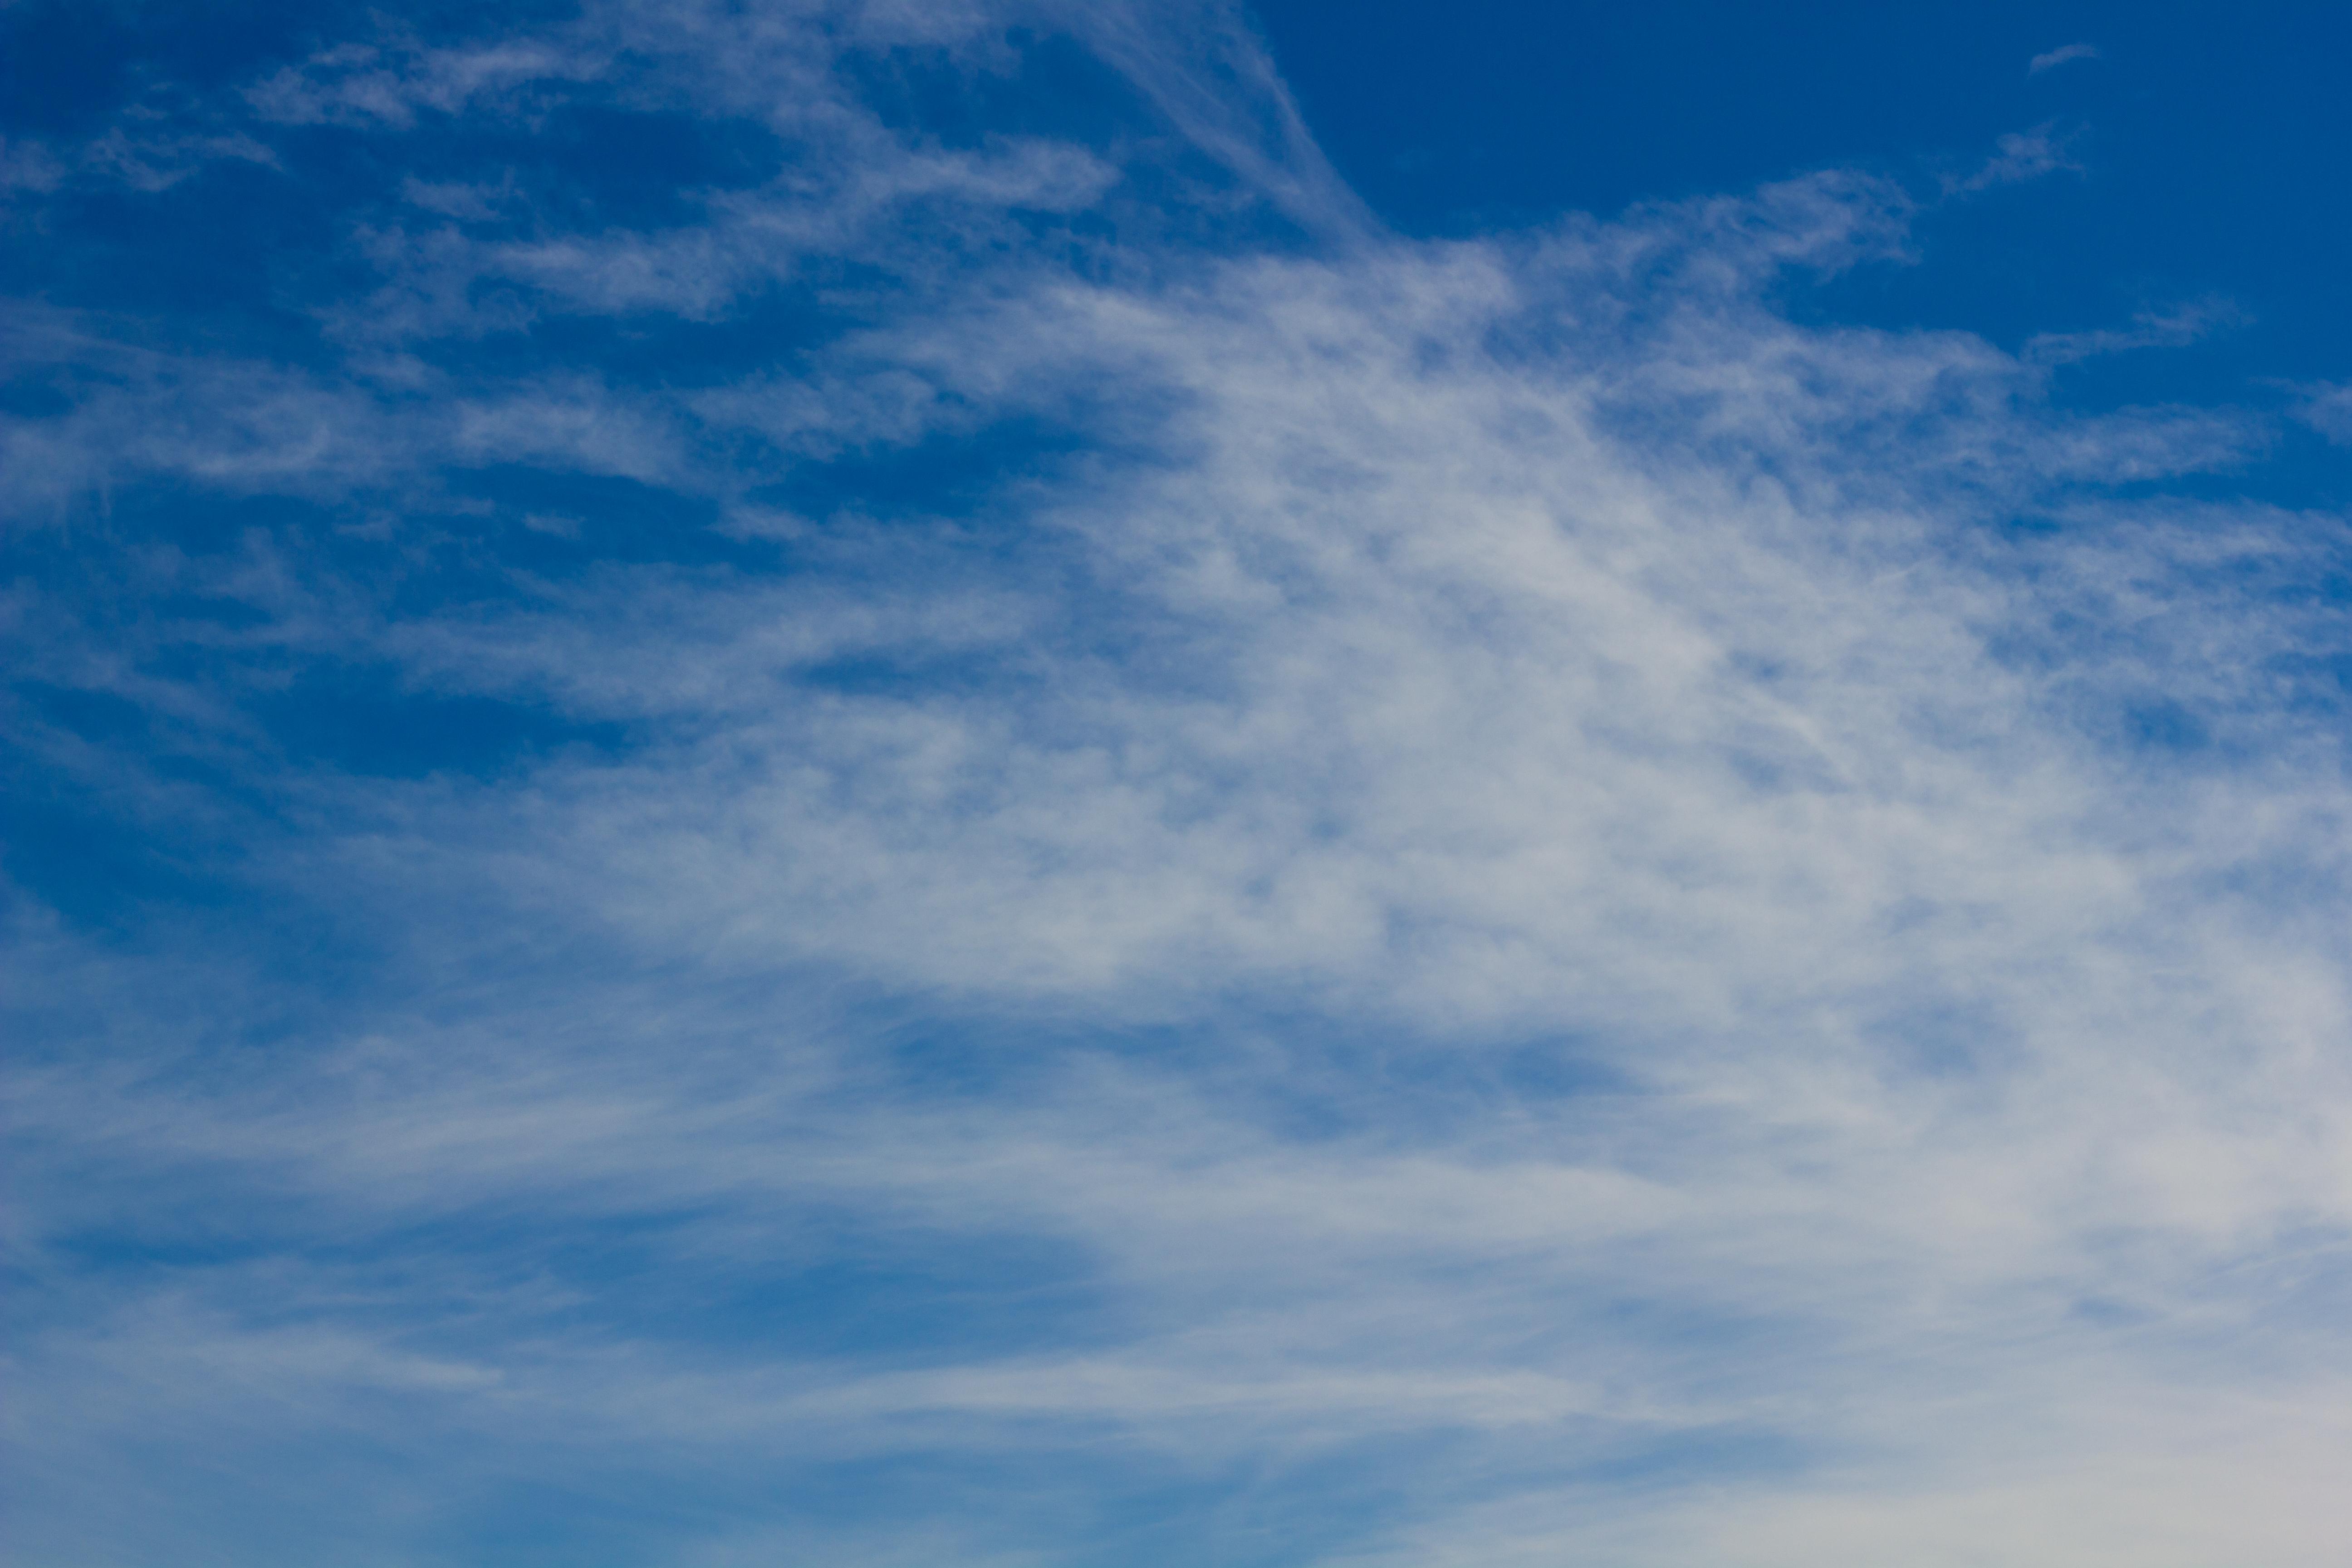 Sky, Blue, Clouds, White, HQ Photo